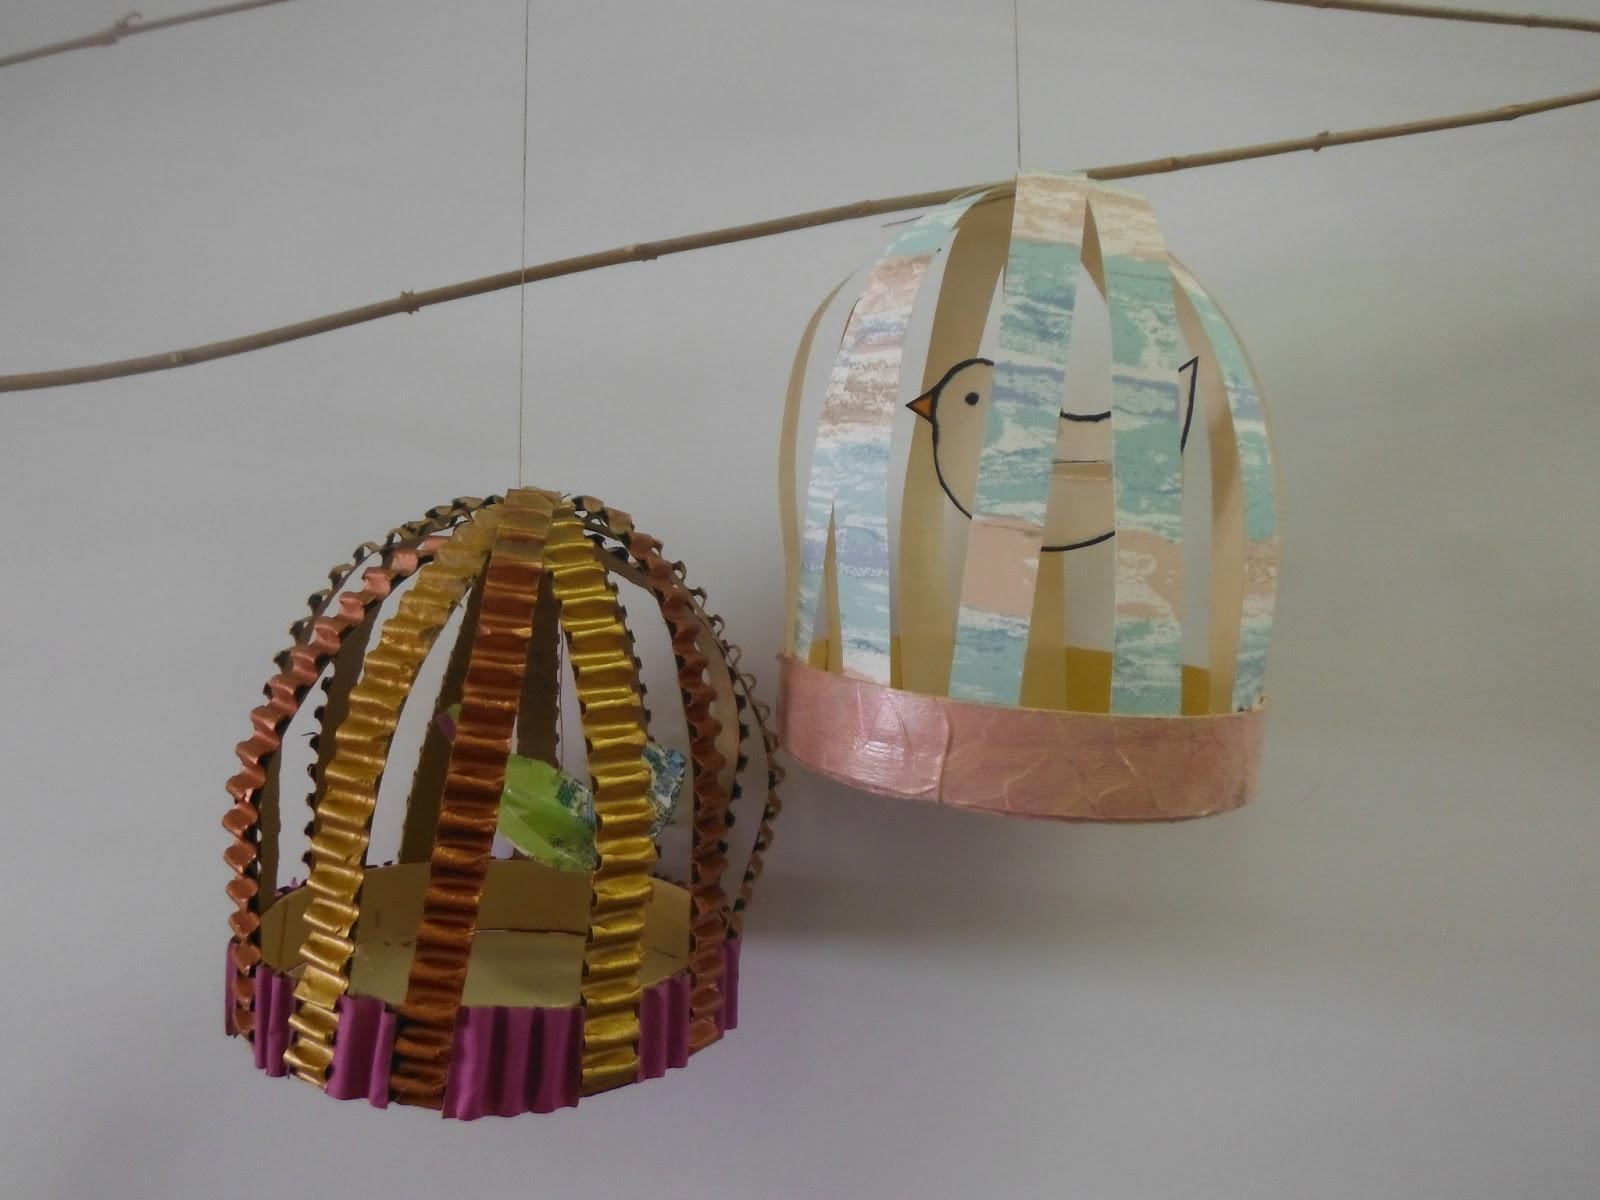 Papier Peint Cage Oiseaux - Cages à oiseaux Design Papillons et fleurs Calligraphie